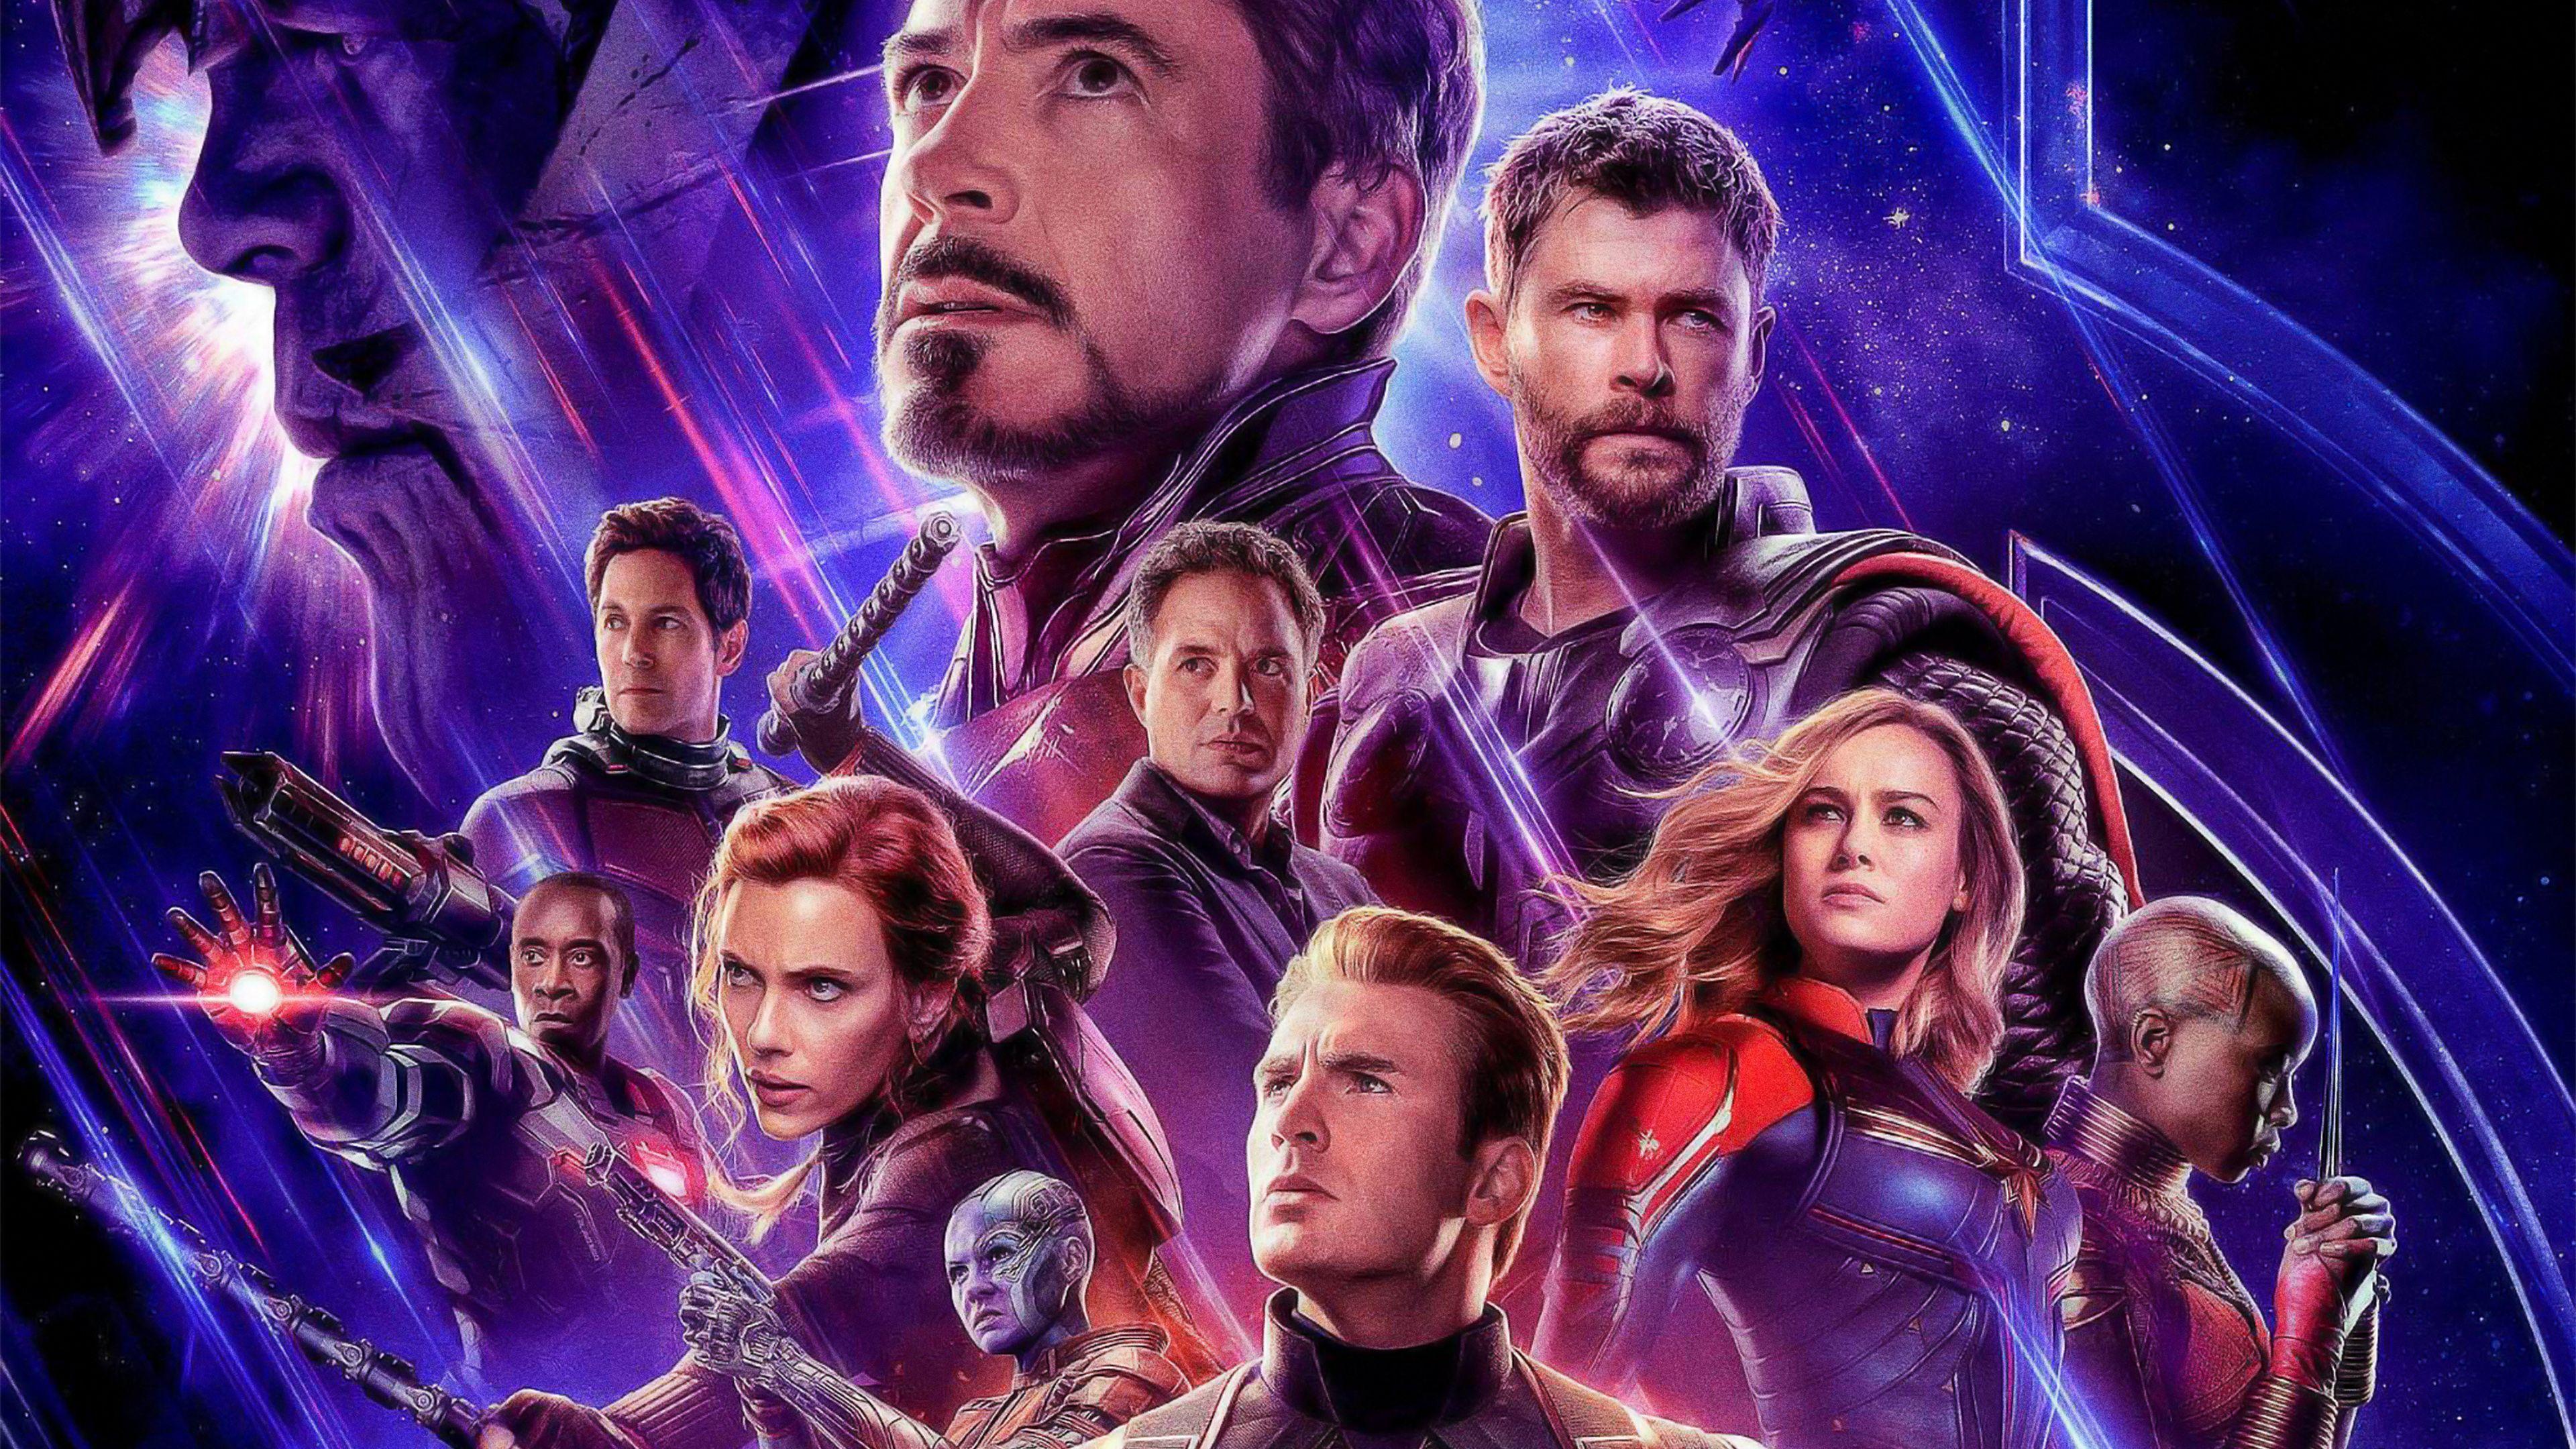 Avengers Endgame Laptop Wallpapers Top Free Avengers Endgame